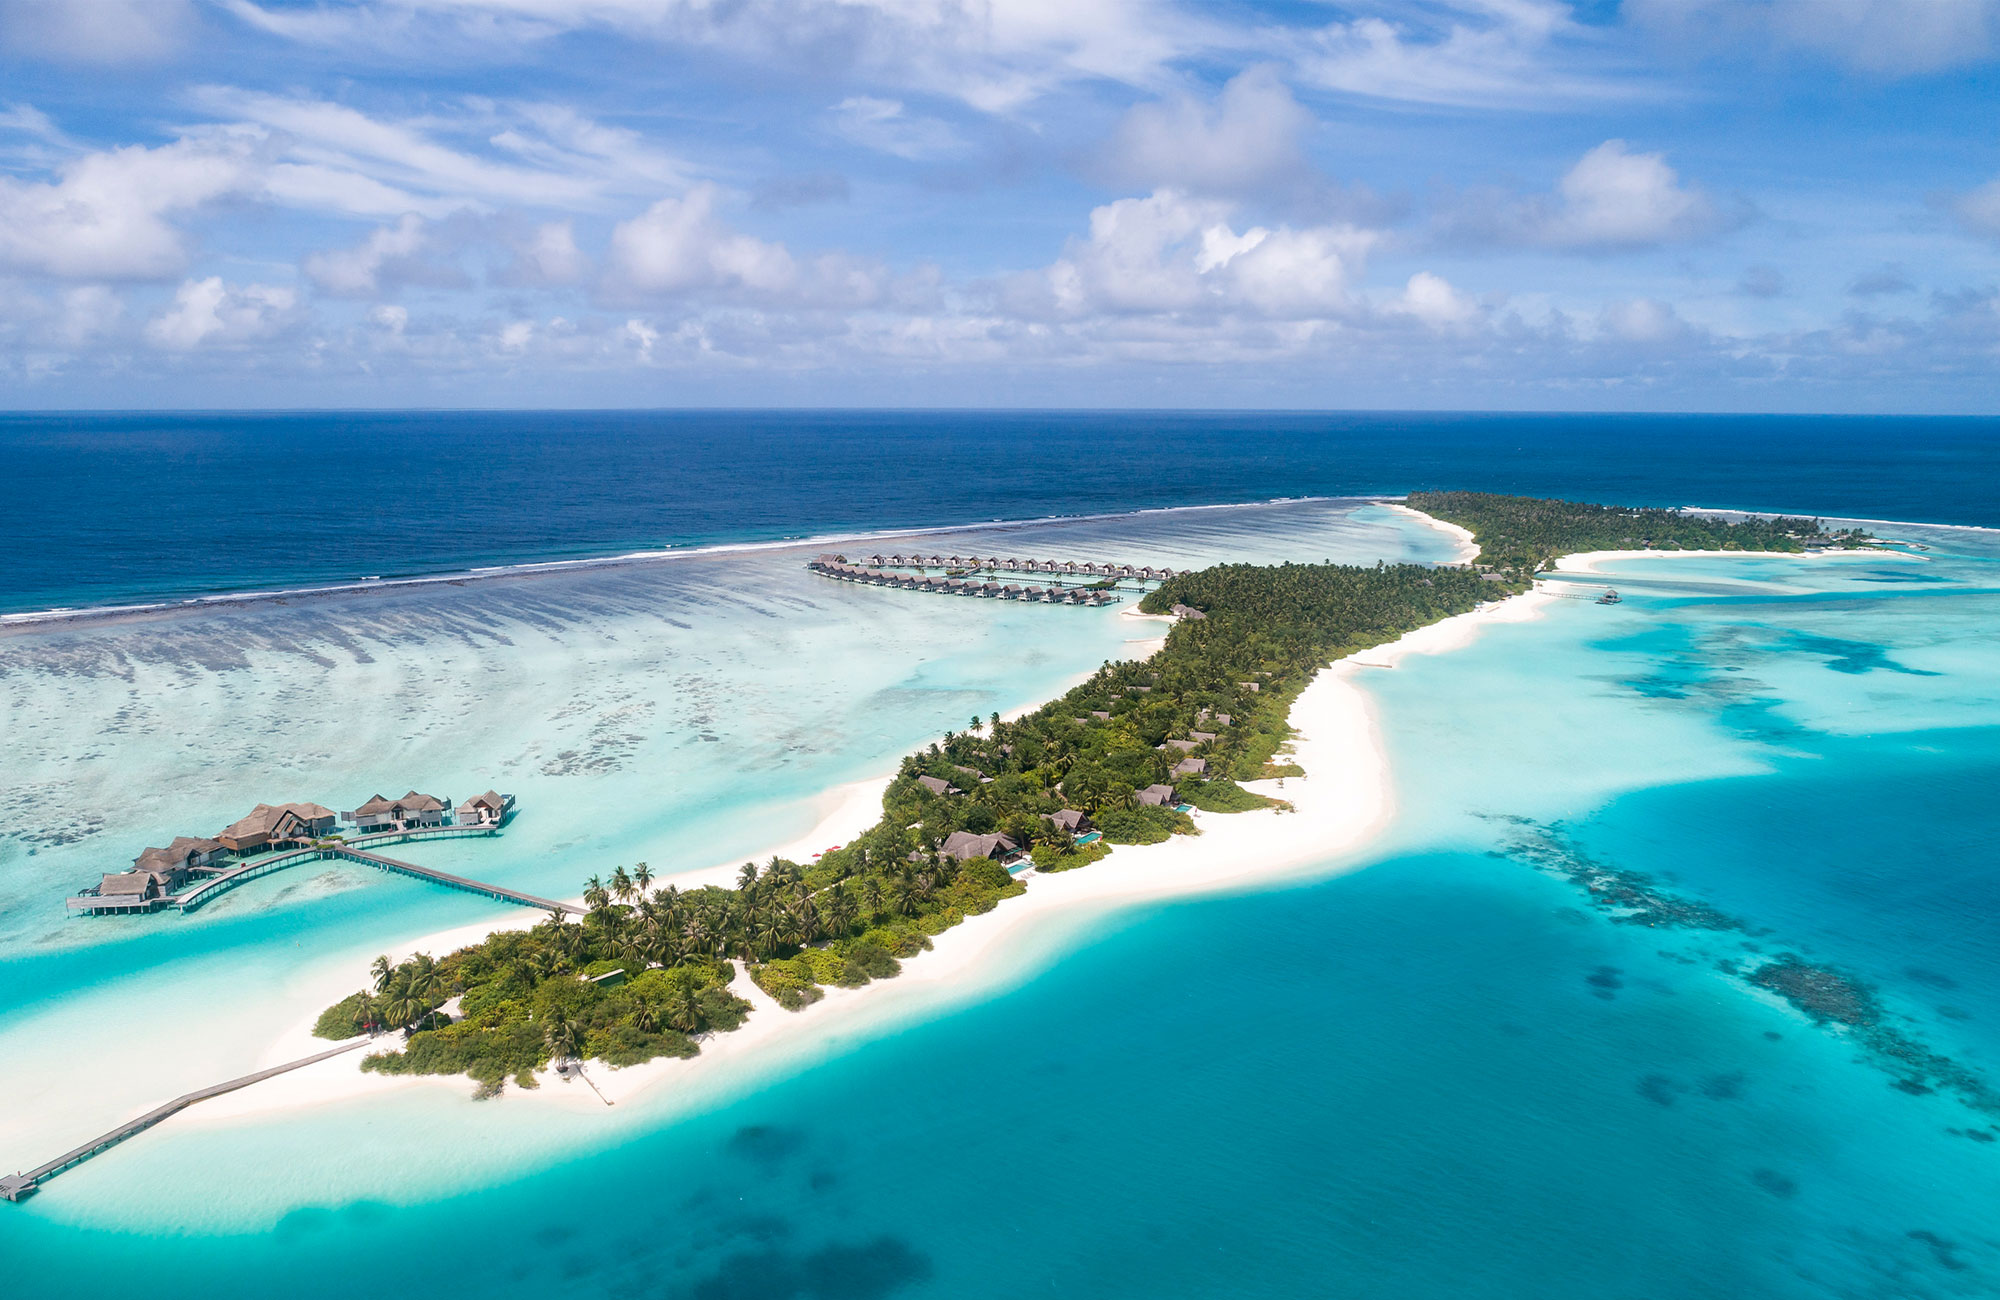 Niyama Maldives Image